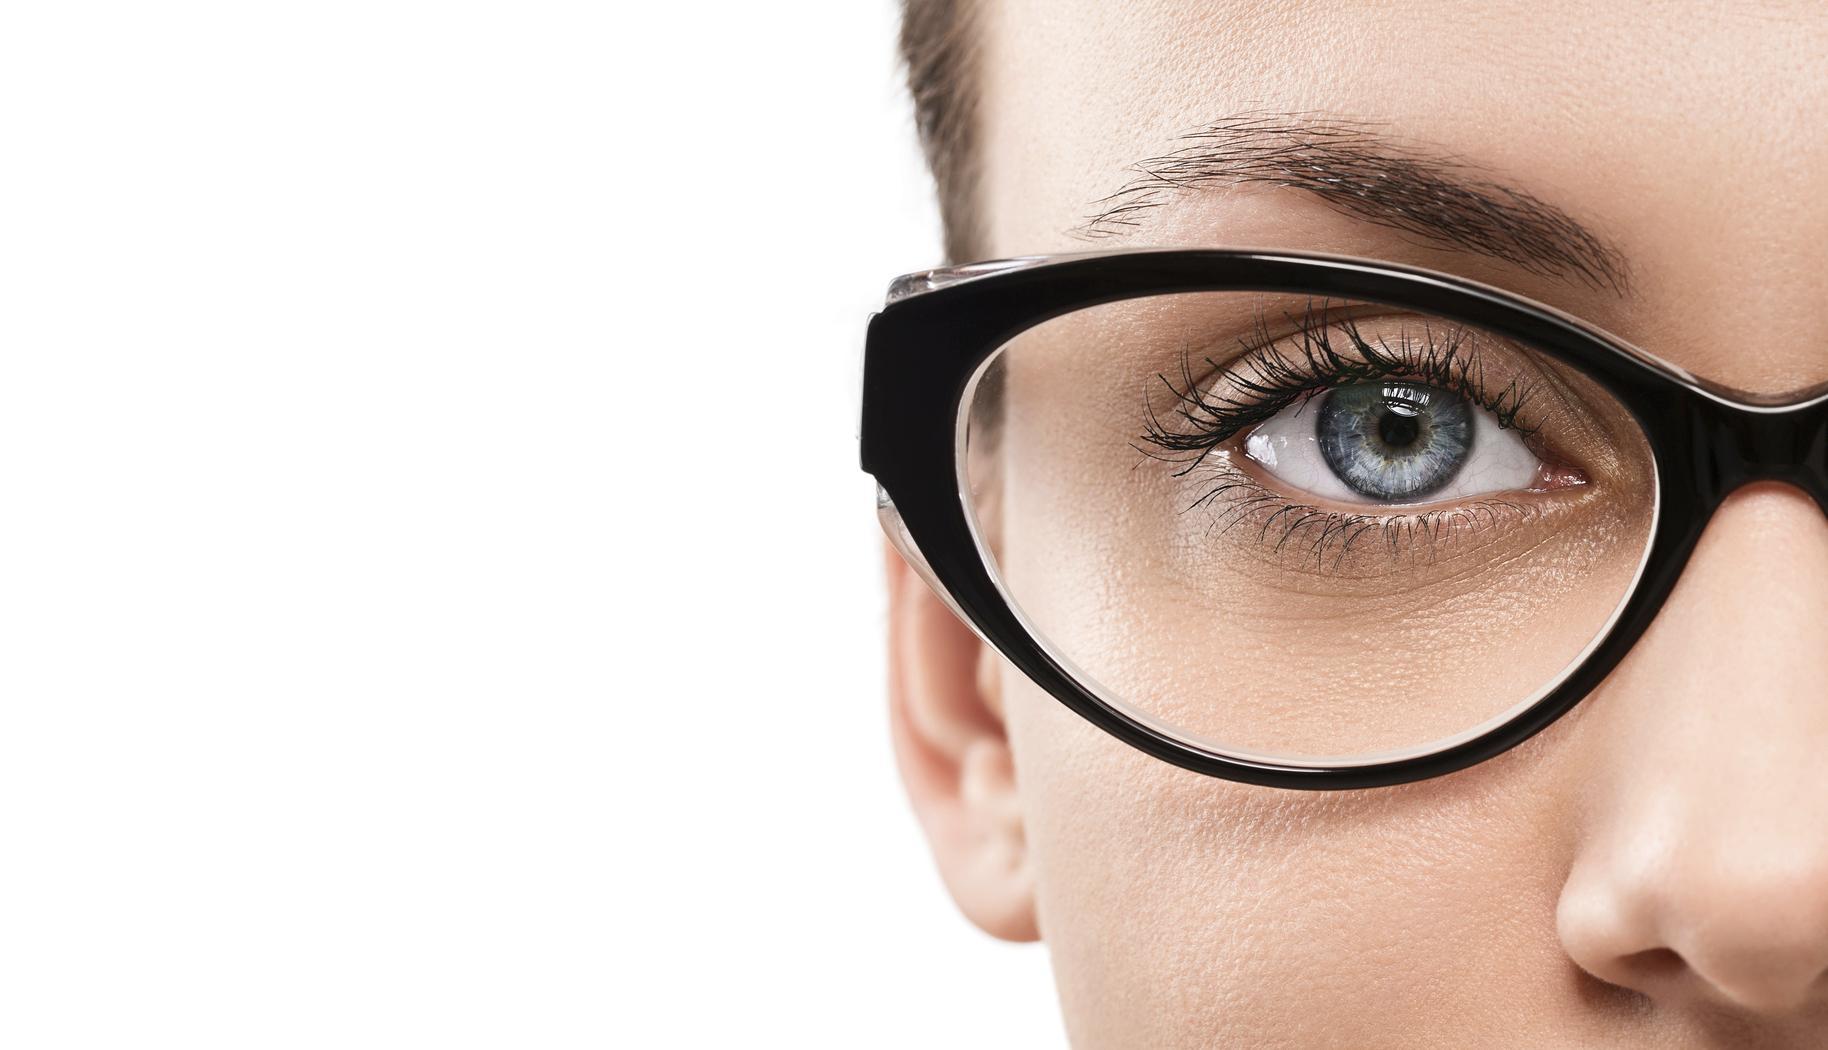 Mujer morena con ojos azules y gafas negras